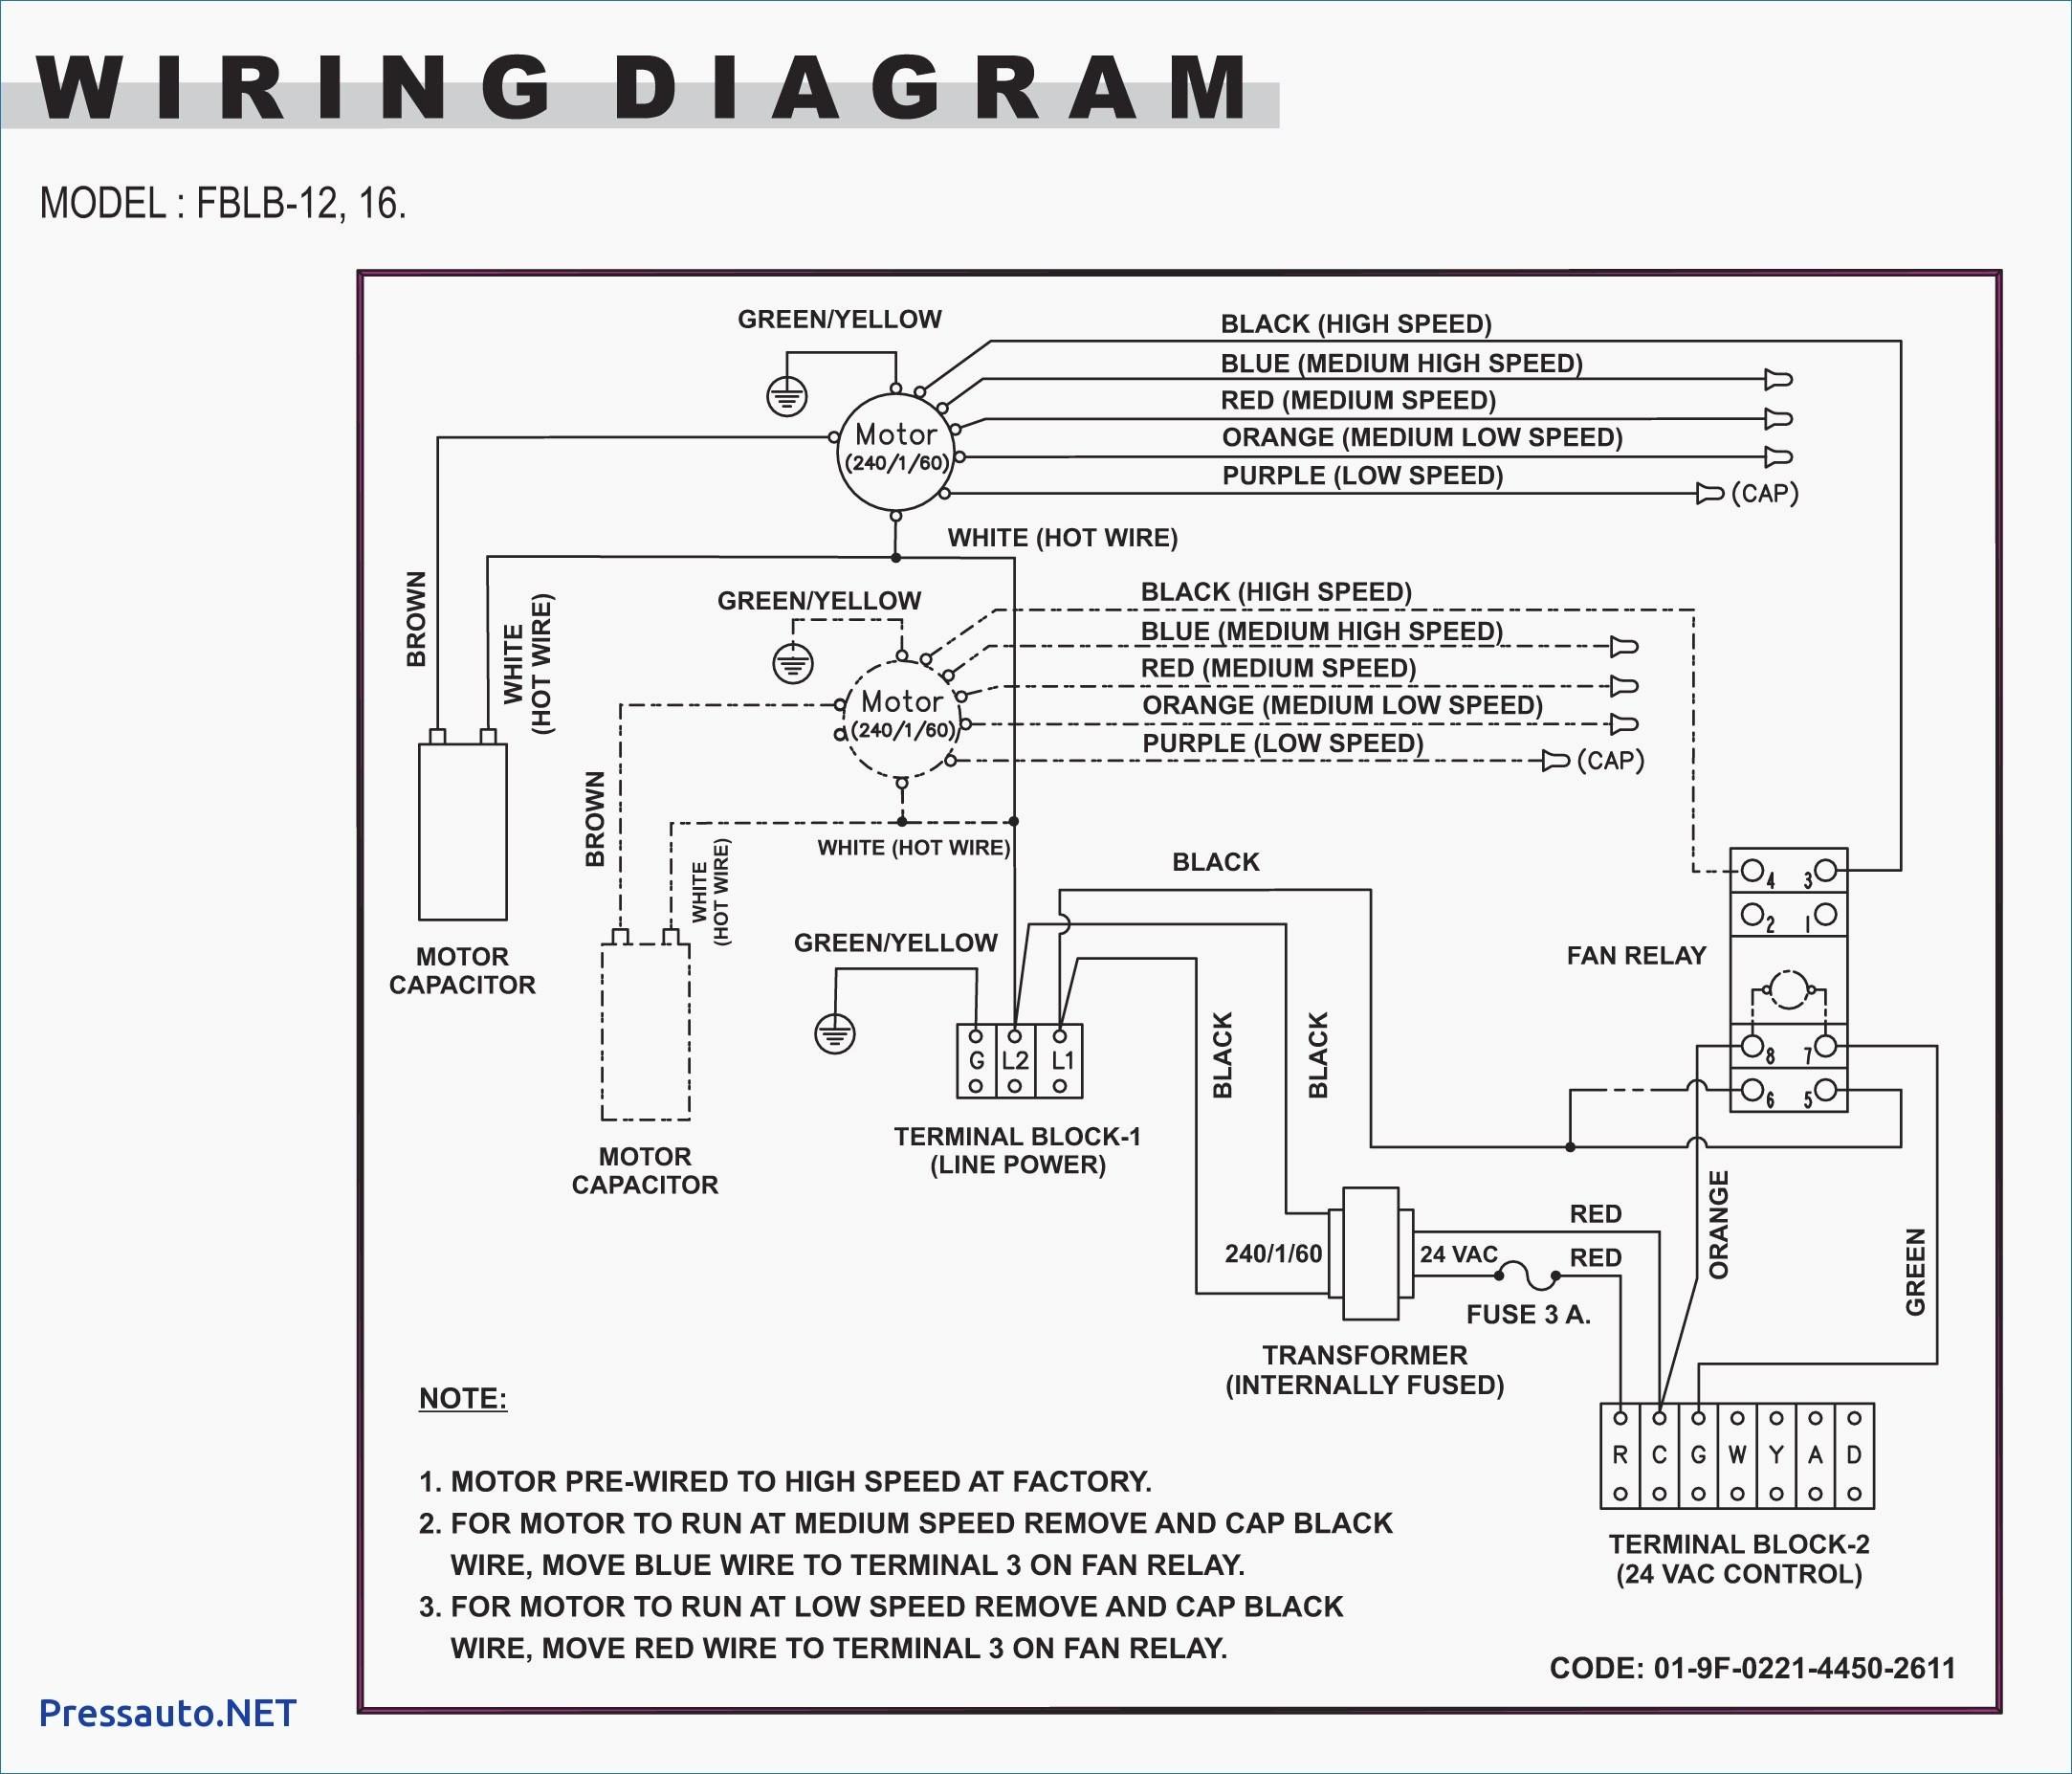 dayton garage heater wiring diagram free download wiring diagram